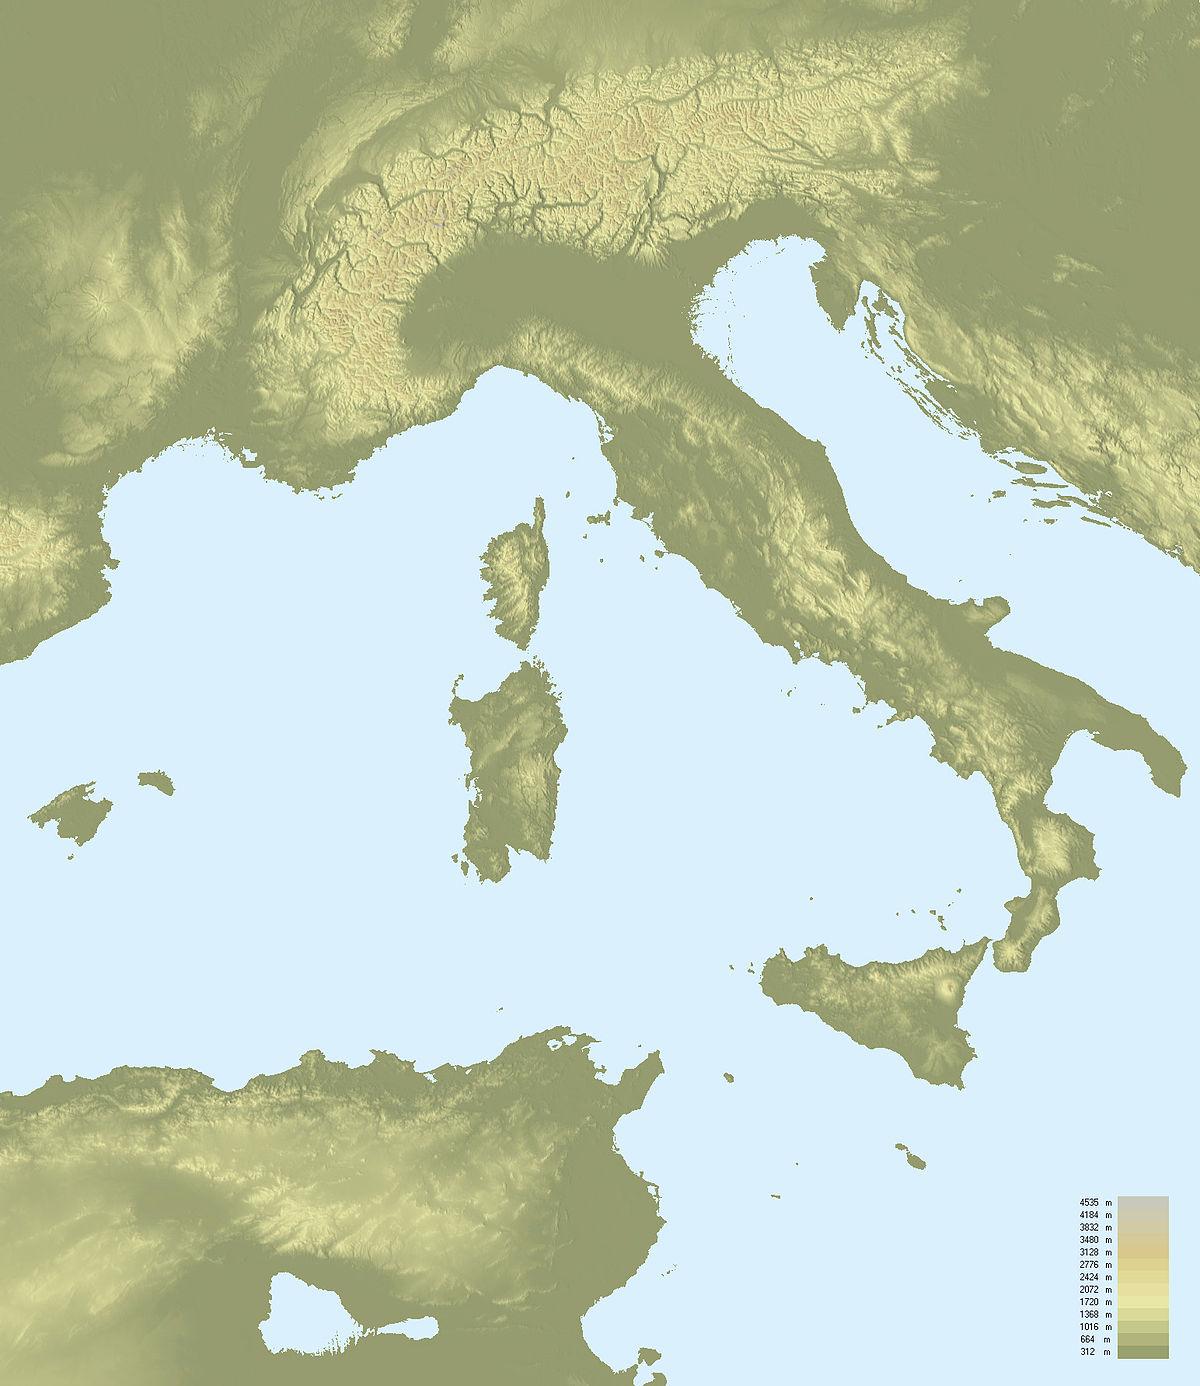 Italia regione geografica wikipedia - Immagini del cardellino orientale ...